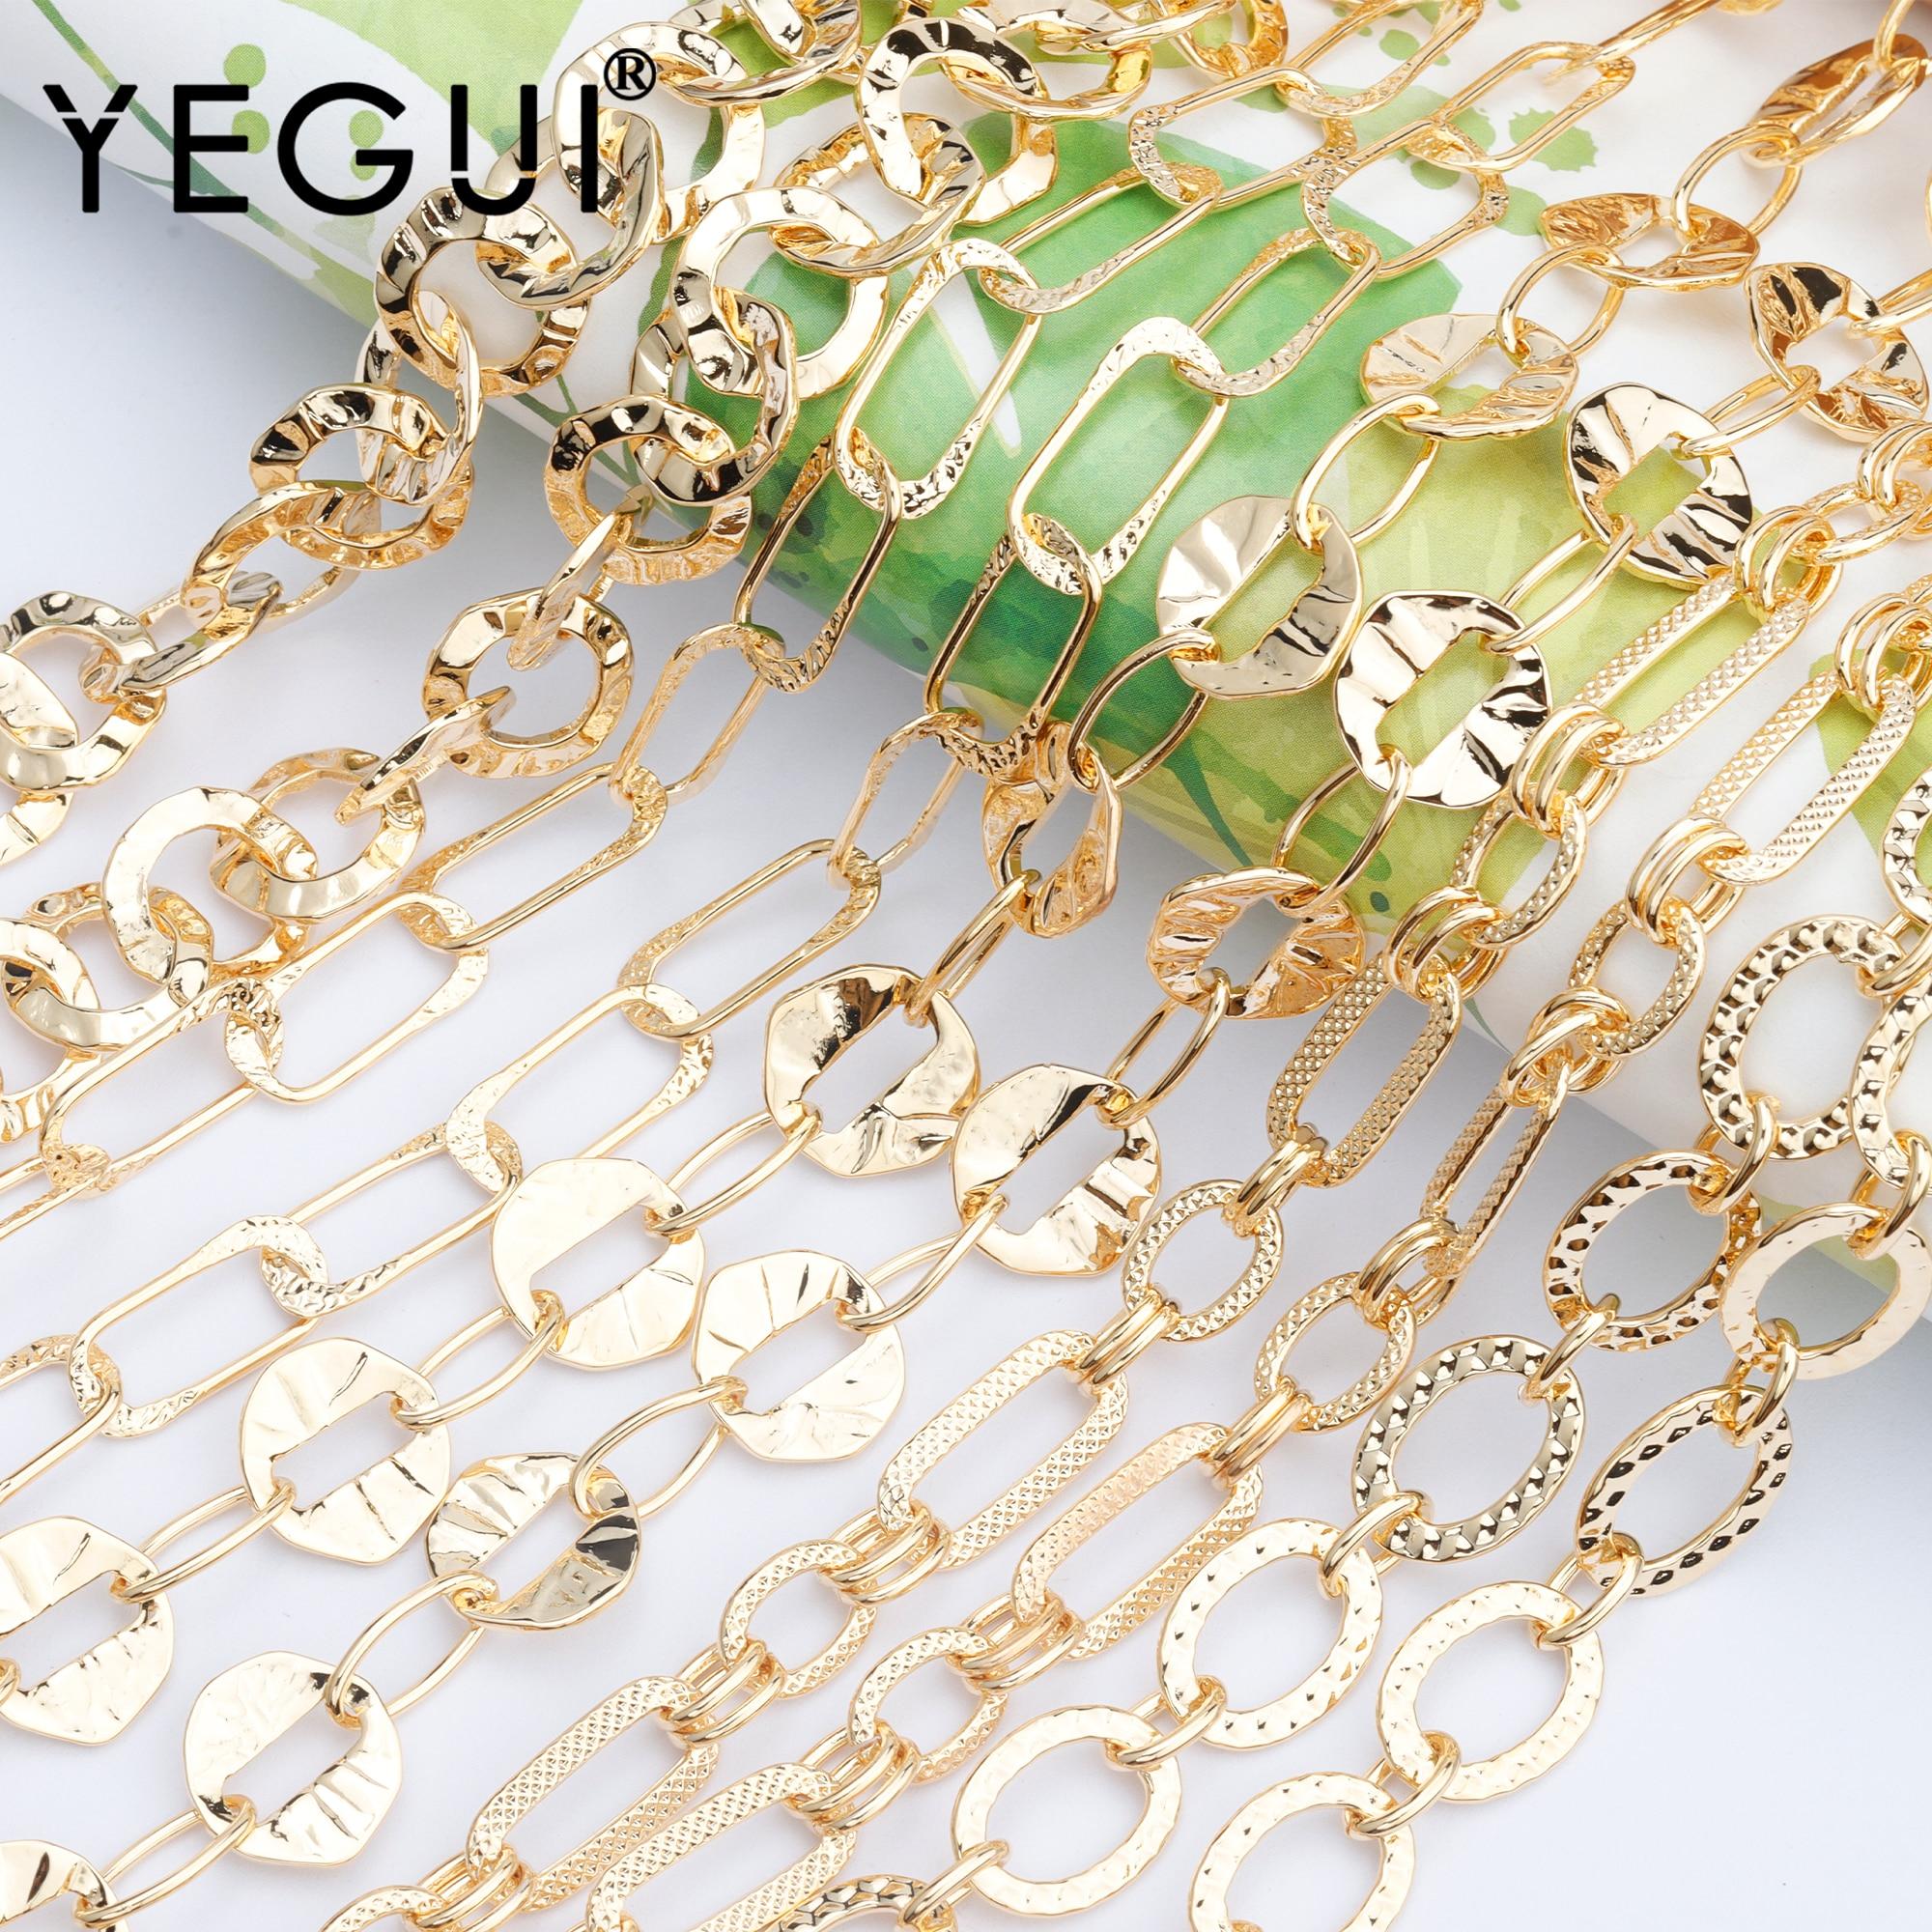 Yegui c93, acessórios de jóias, 18k banhado a ouro, 0.3 mícrons, corrente diy, feito à mão, encantos, diy pulseira colar, fazer jóias, 1 m/lote